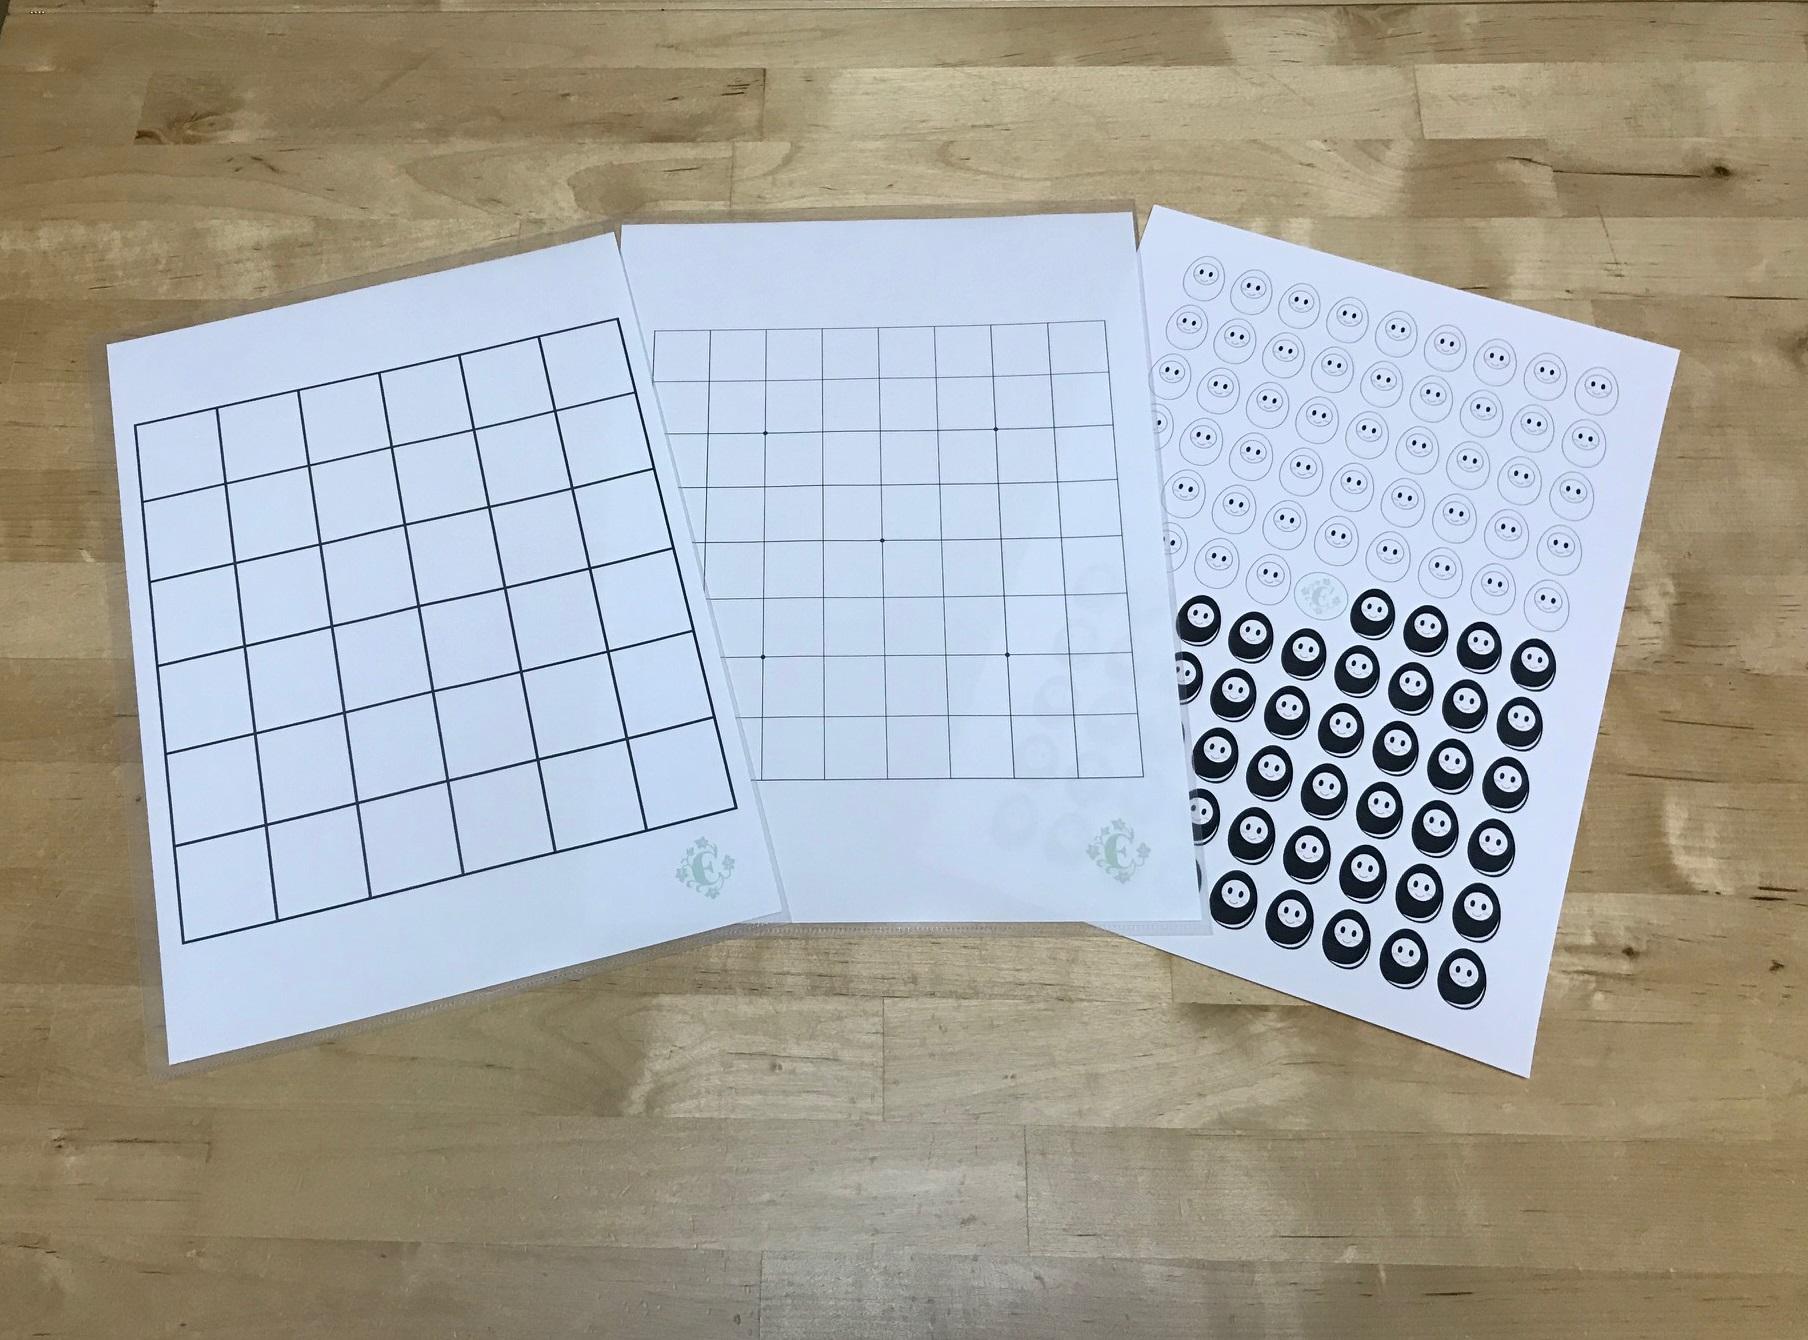 詰将棋6×6升の将棋盤・囲碁の9路盤・たま碁石デザイン等